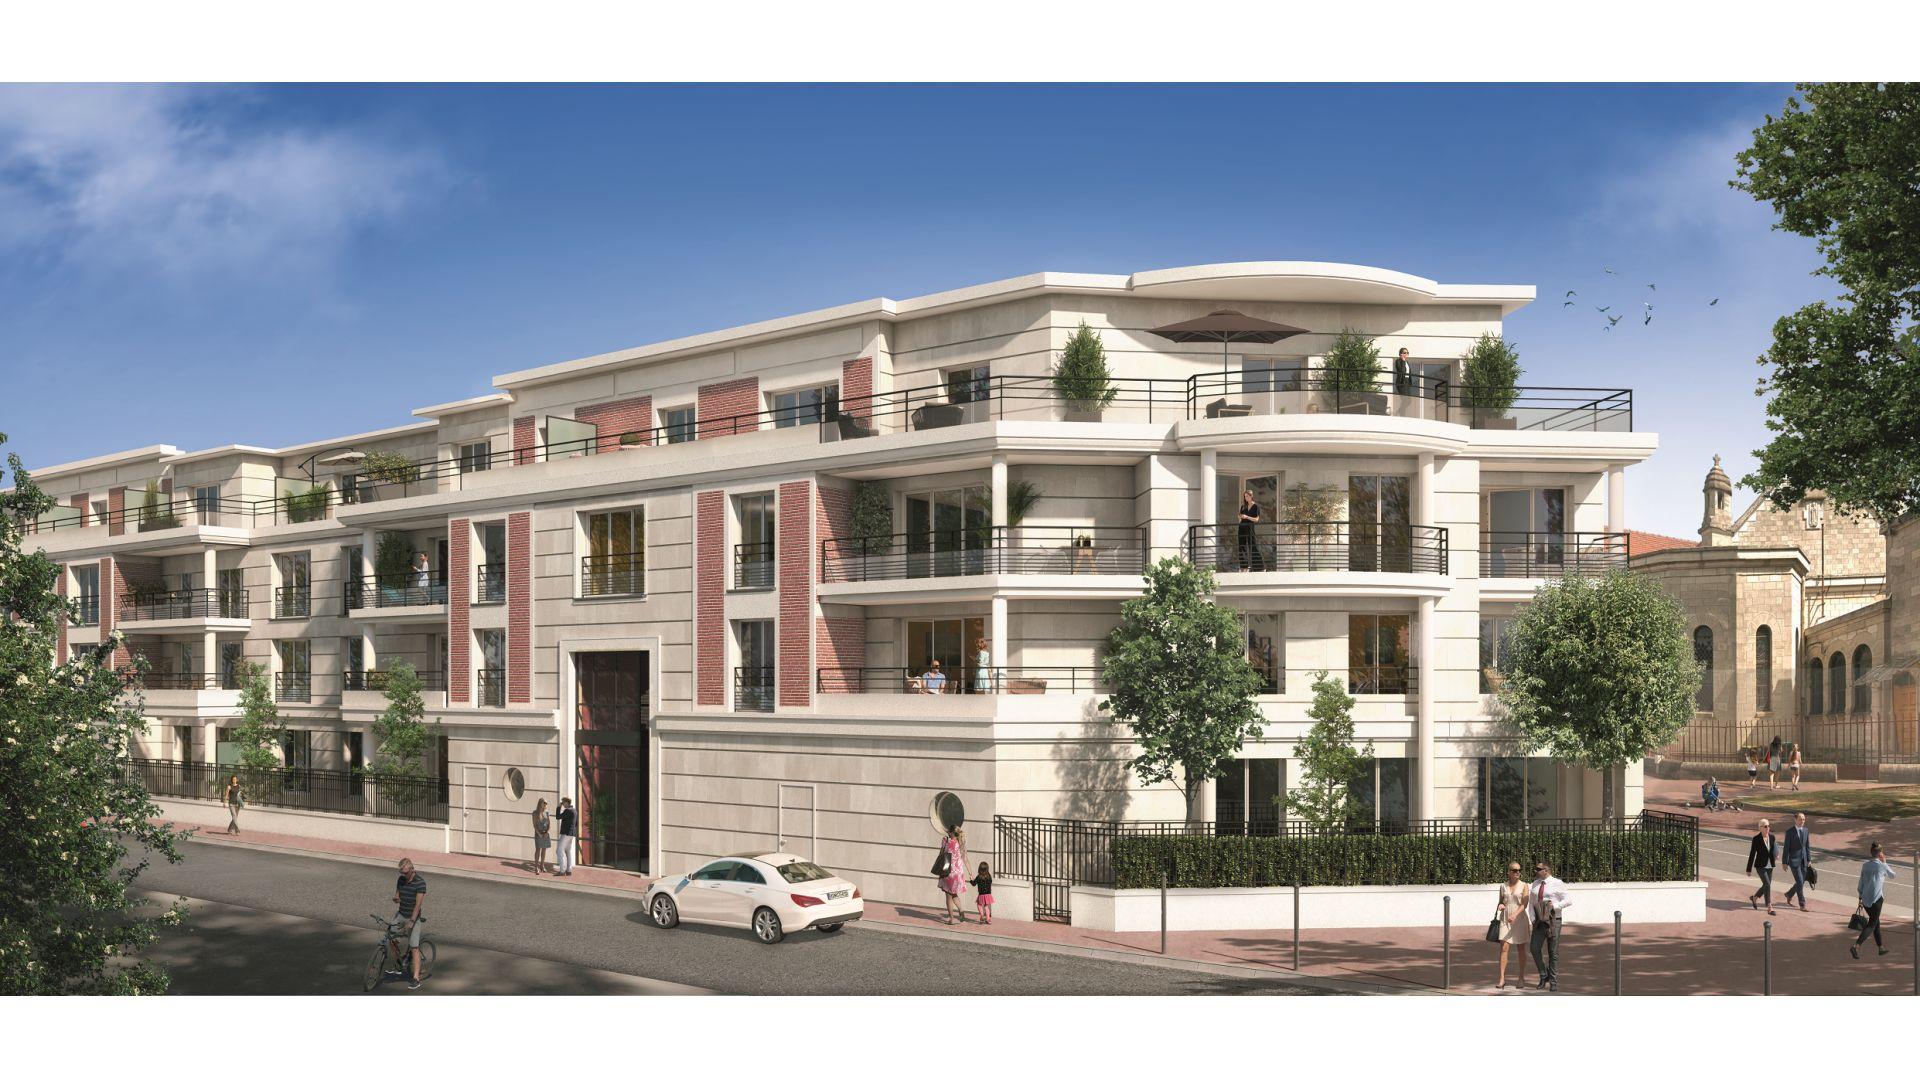 Greencity Immobilier - Square Kennedy - achat appartements du T1 bis au T5 duplex - Saint-Maur des Fossés 94100 - façade